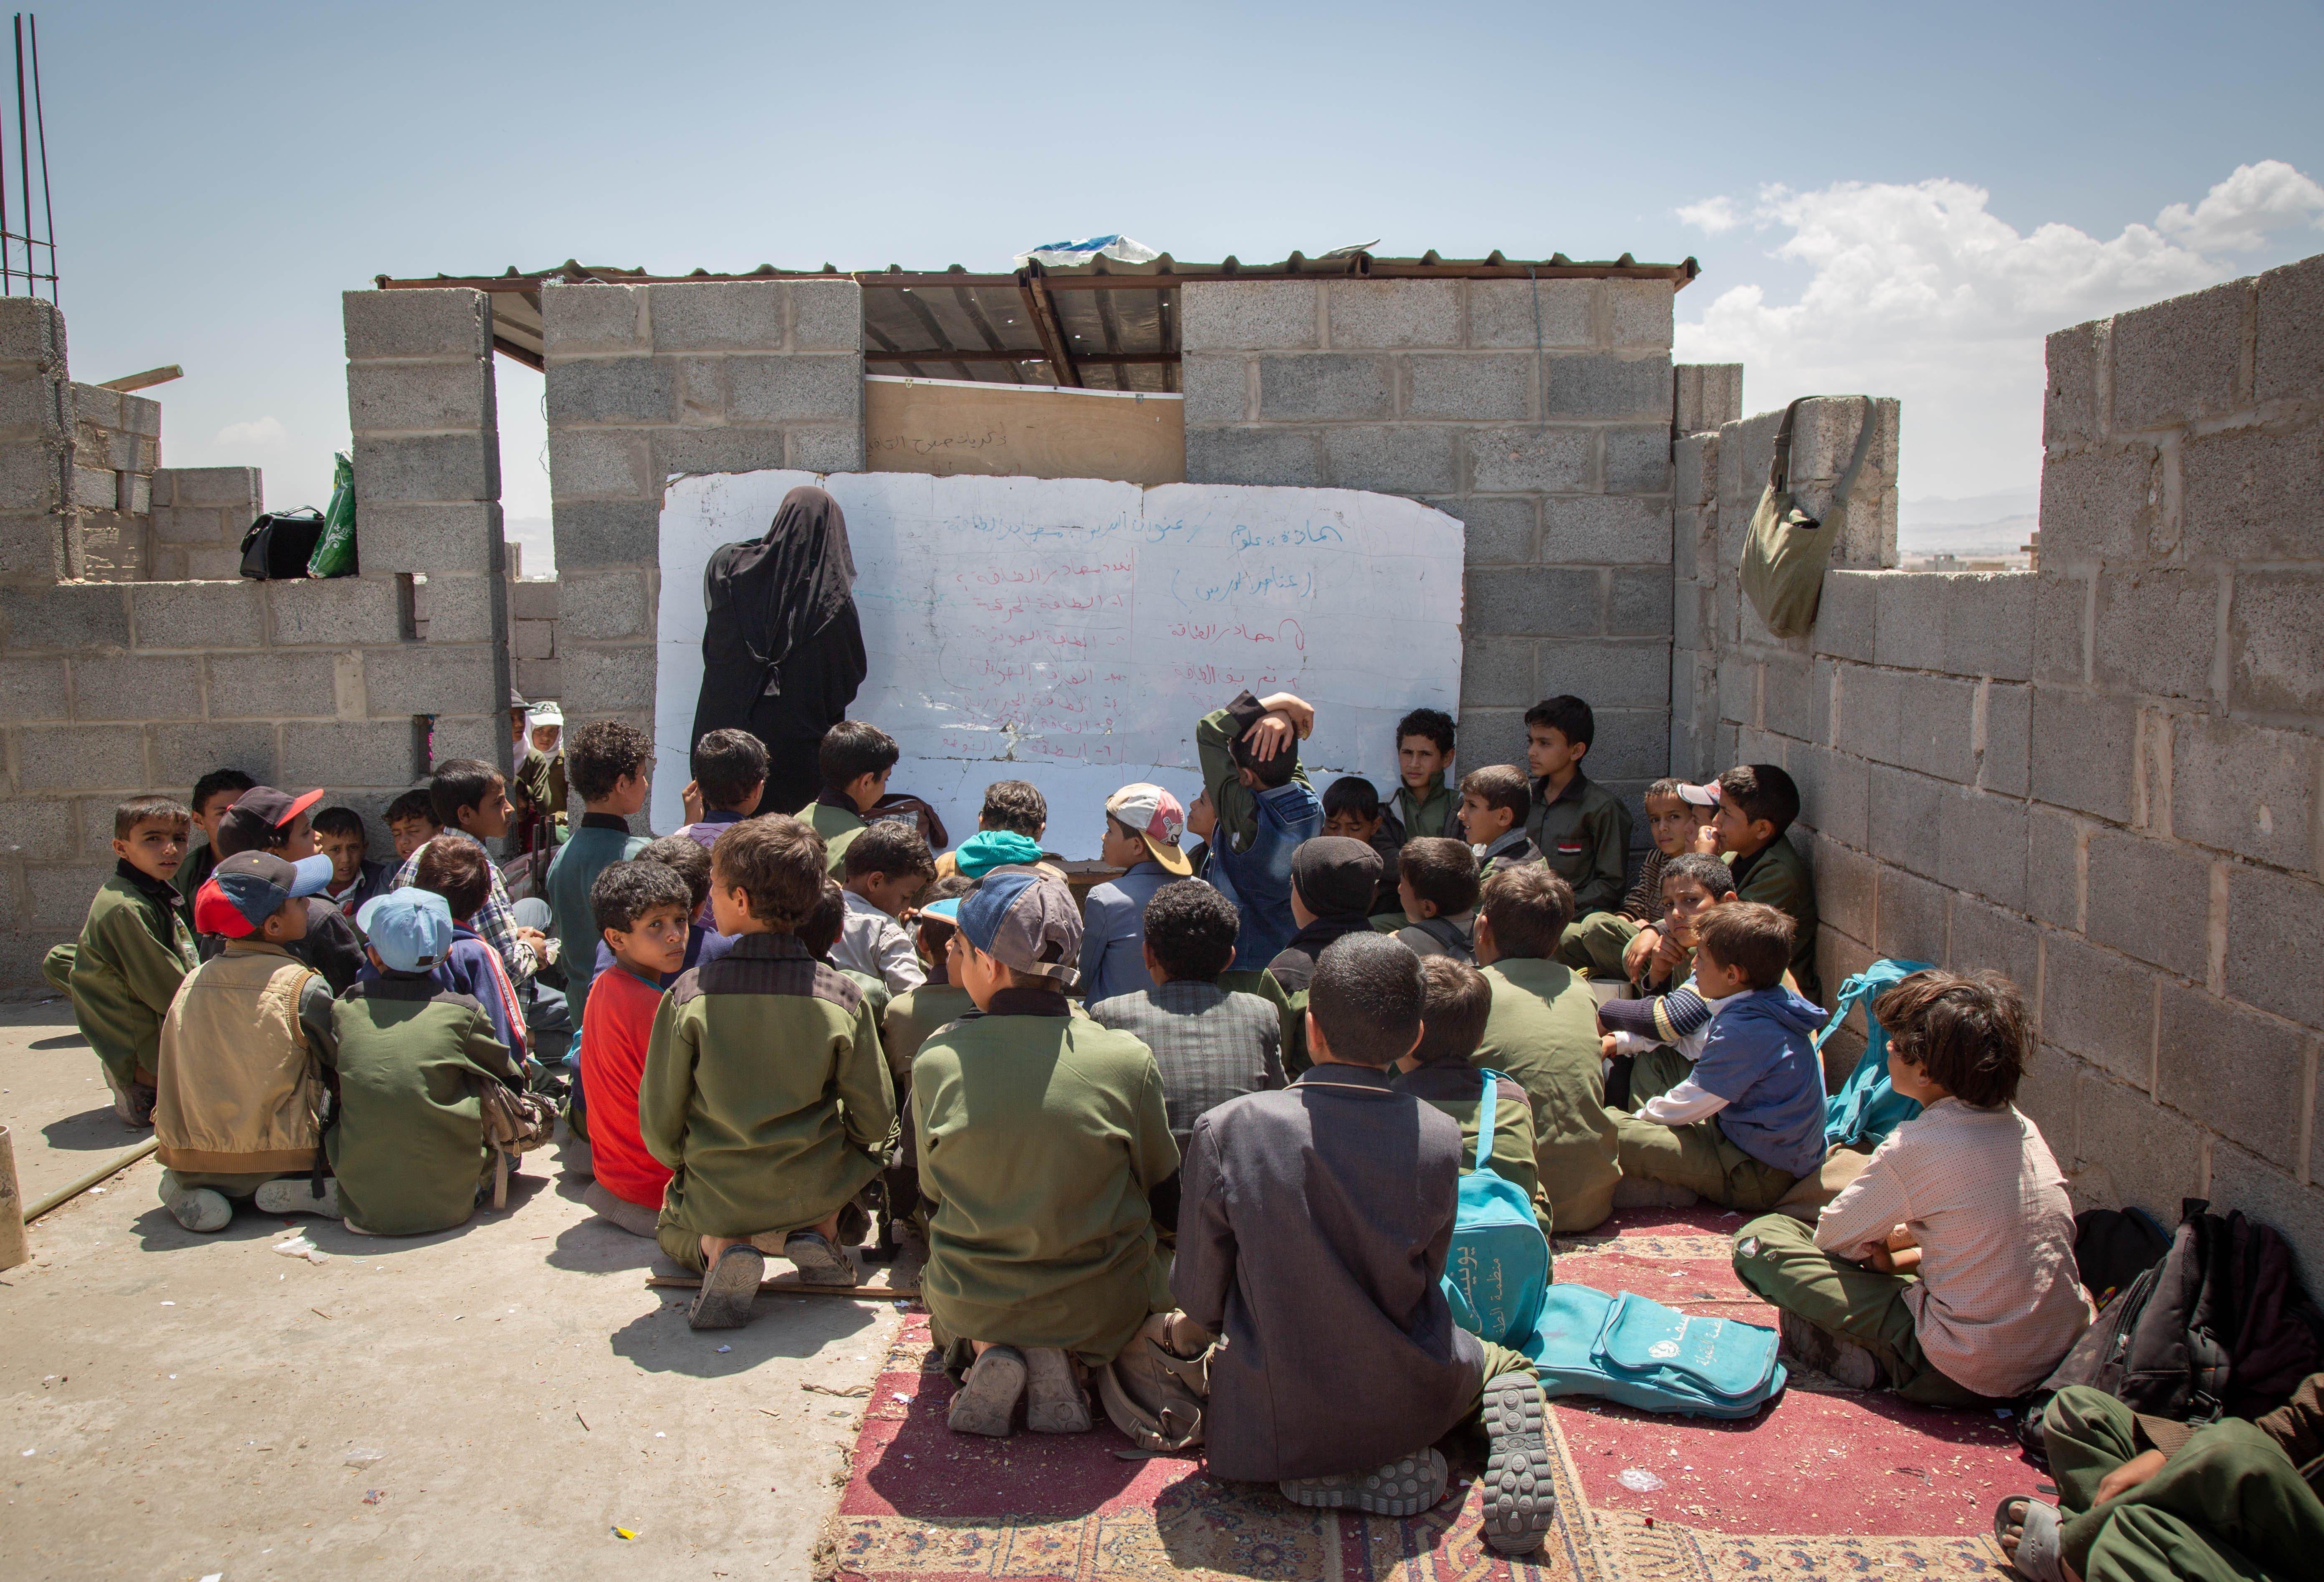 Al-Mustaqbel school building in Sana'a, Yemen